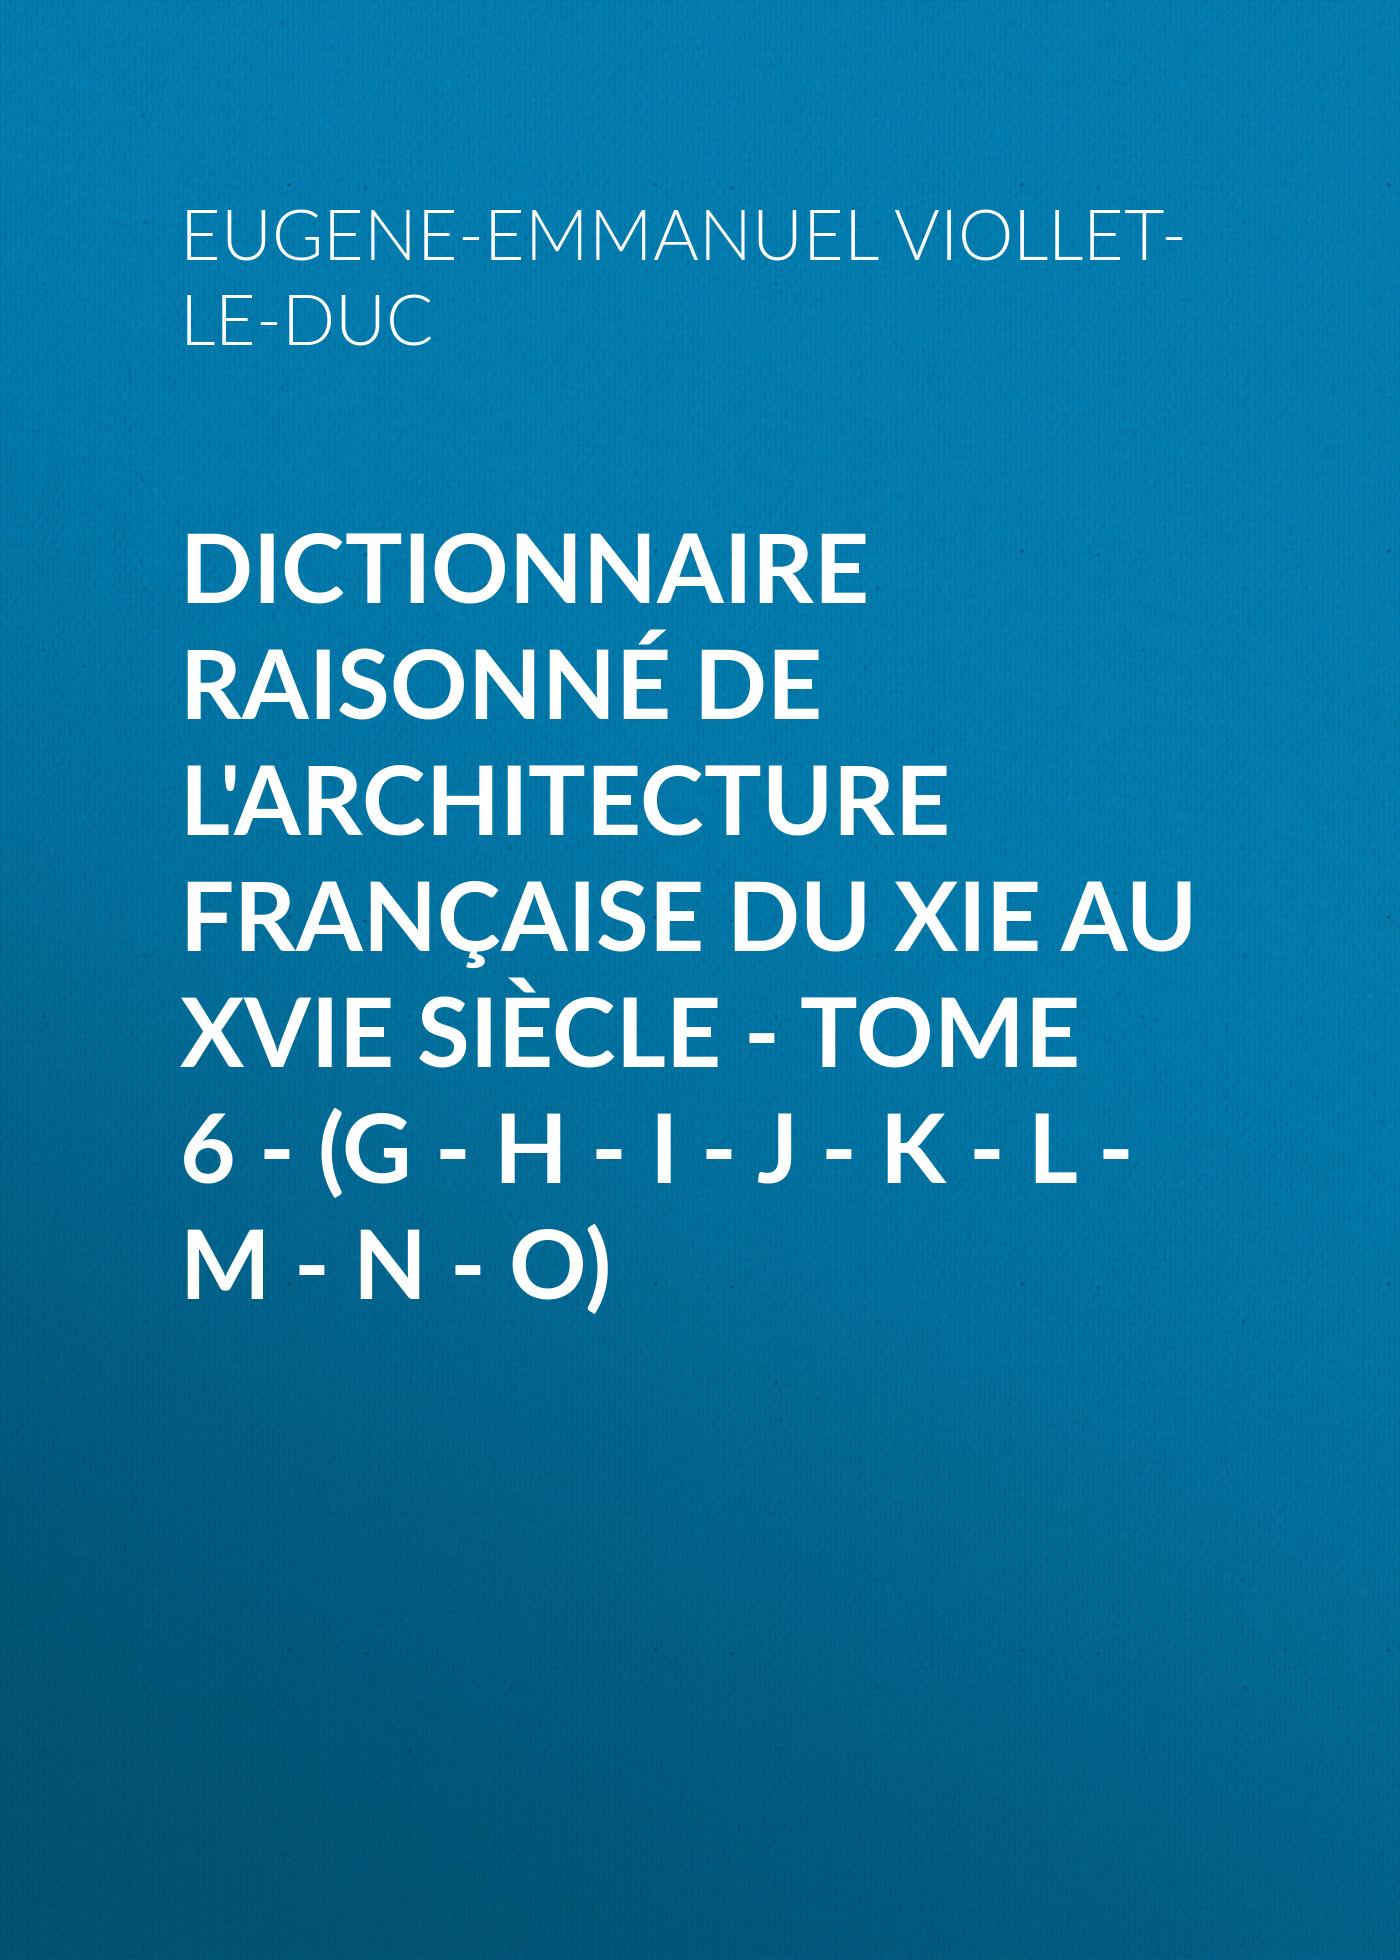 Eugene-Emmanuel Viollet-le-Duc Dictionnaire raisonné de l'architecture française du XIe au XVIe siècle - Tome 6 - (G - H - I - J - K - L - M - N - O)